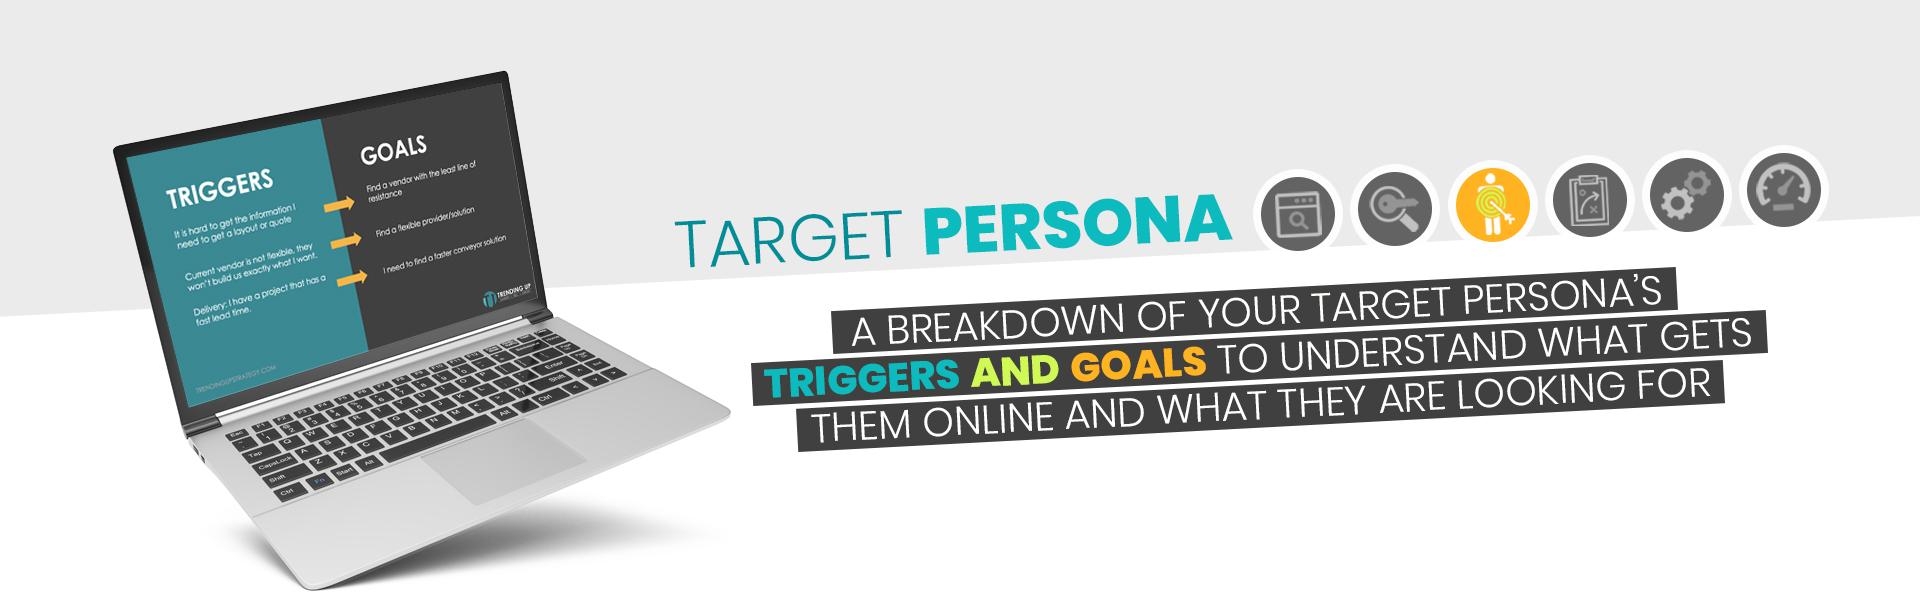 Target Persona - Triggers Goals